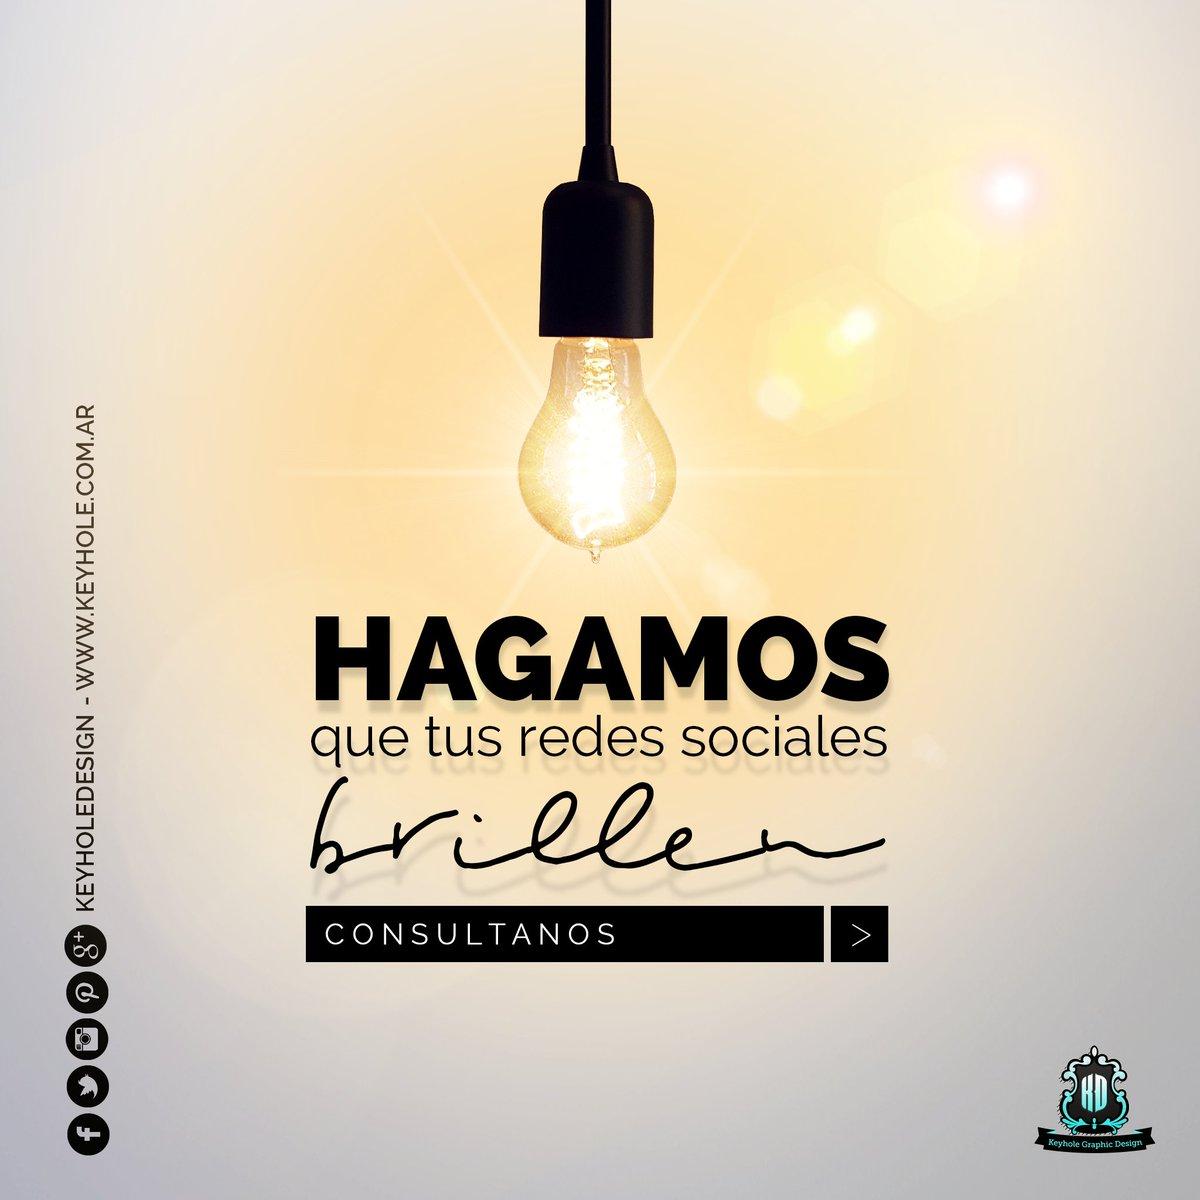 ⭐ Hagamos que tus redes Sociales Brillen ⭐👩💻🙌 ⠀ #redessociales #pymes #startup #marketing #socialmedia #marketingdigital #CommunityManager #MarketingdeContenidos #Contenidoestrategico #SocialMediaManager #industriargentina #handmade